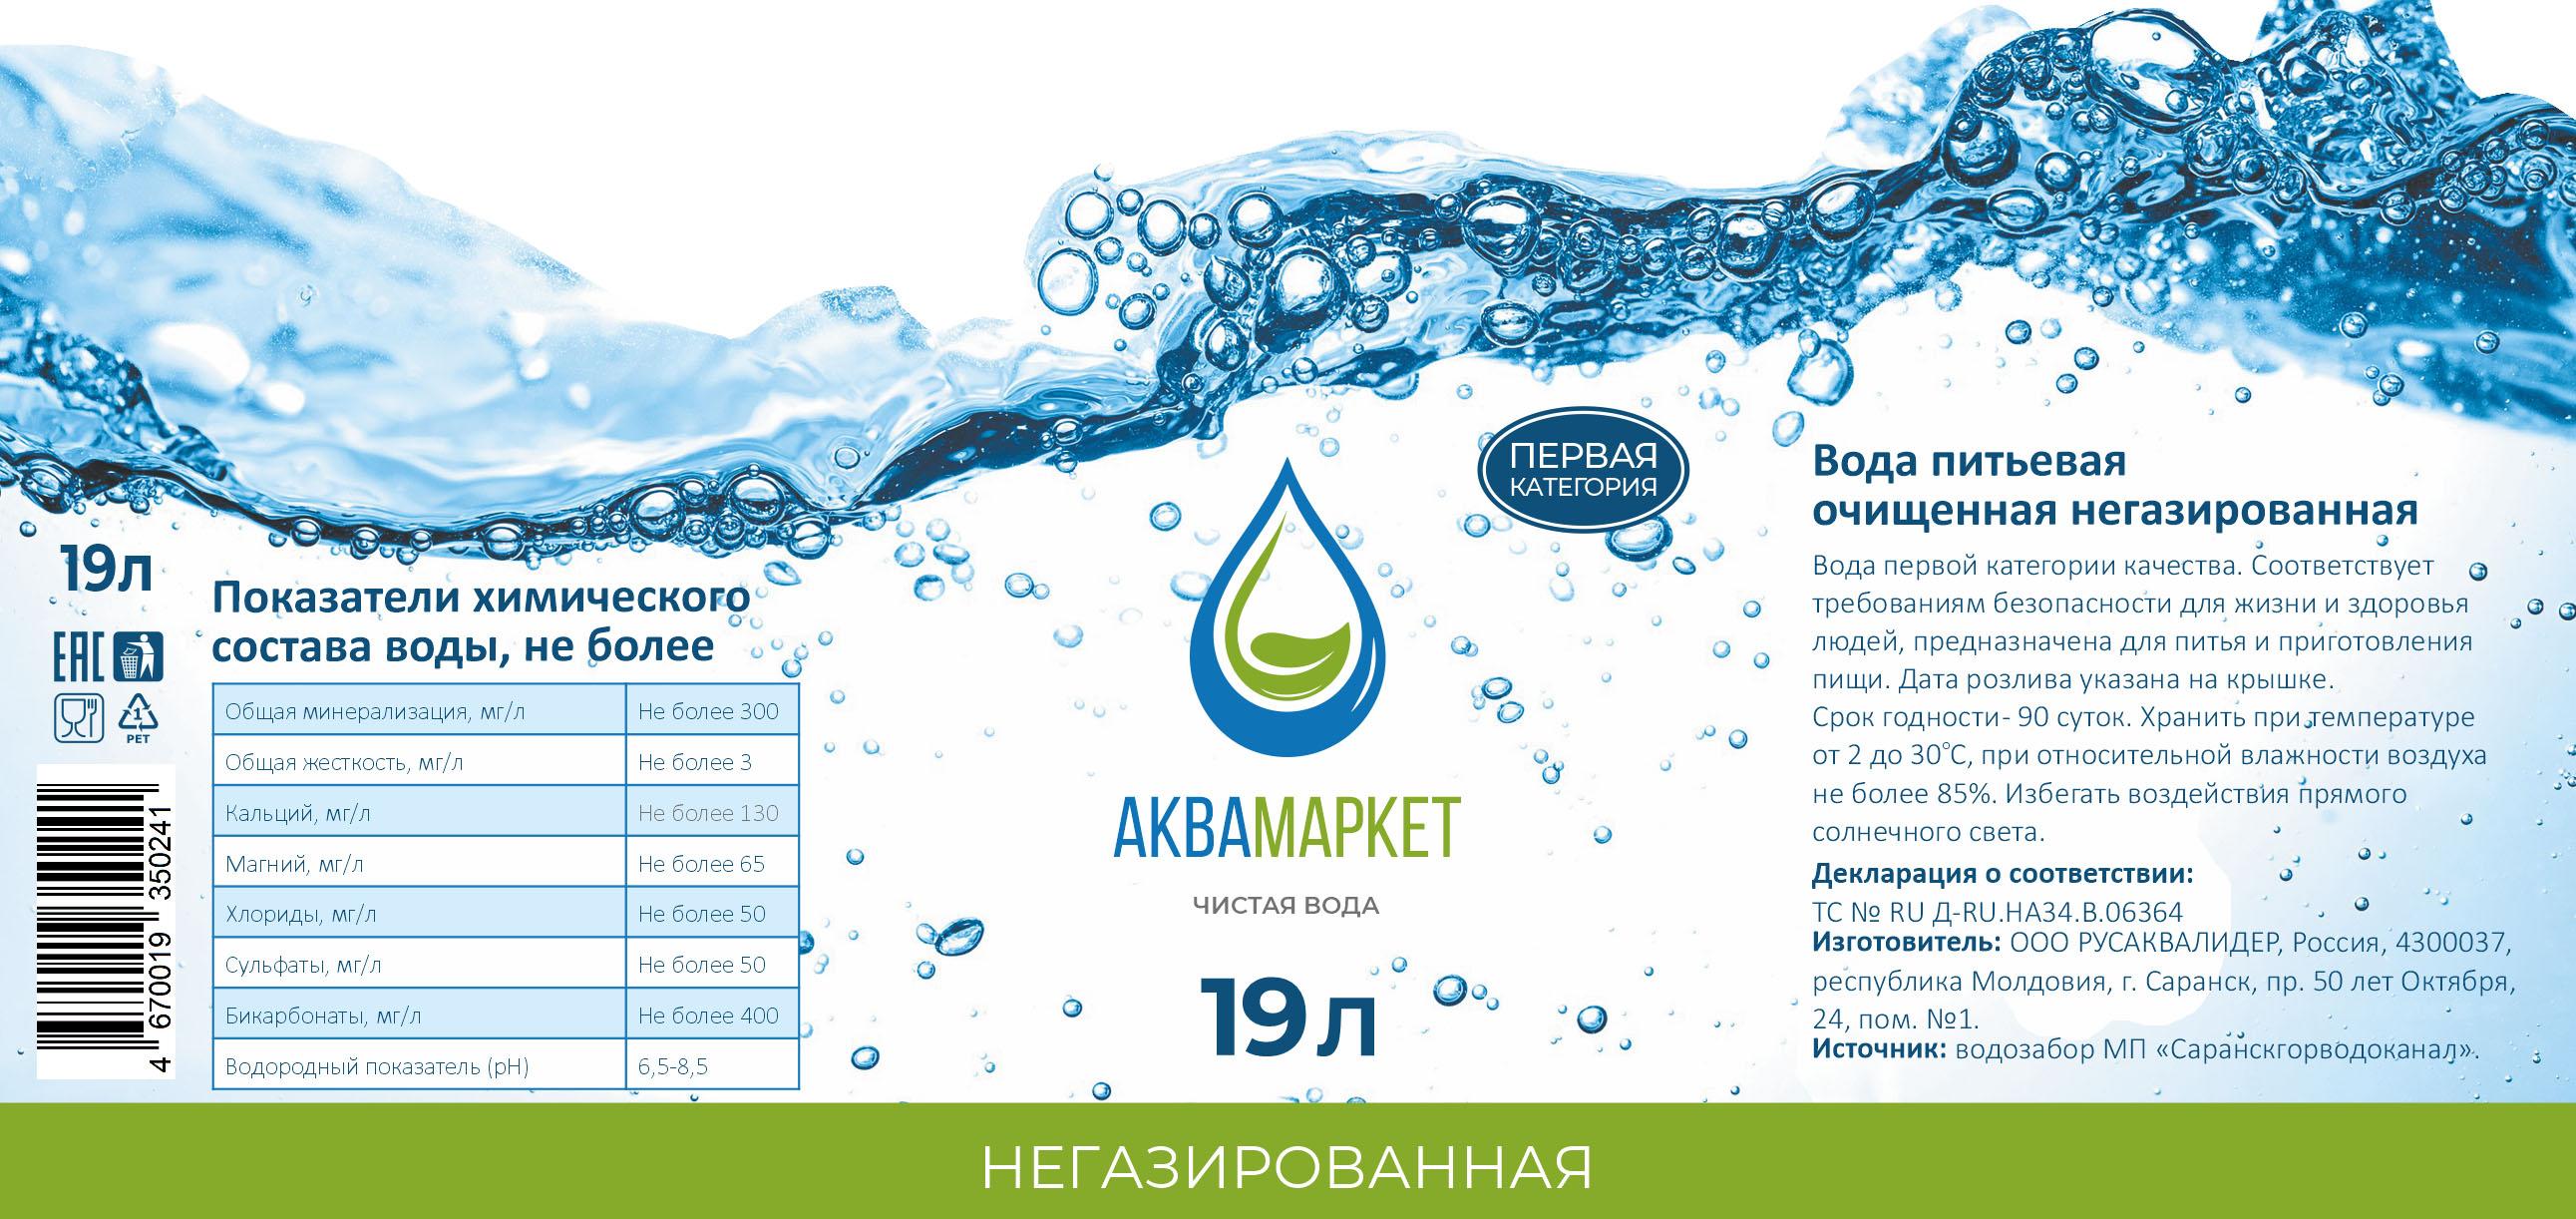 Разработка этикетки для питьевой воды в 19 литровых бутылях фото f_6695effe714370c0.jpg